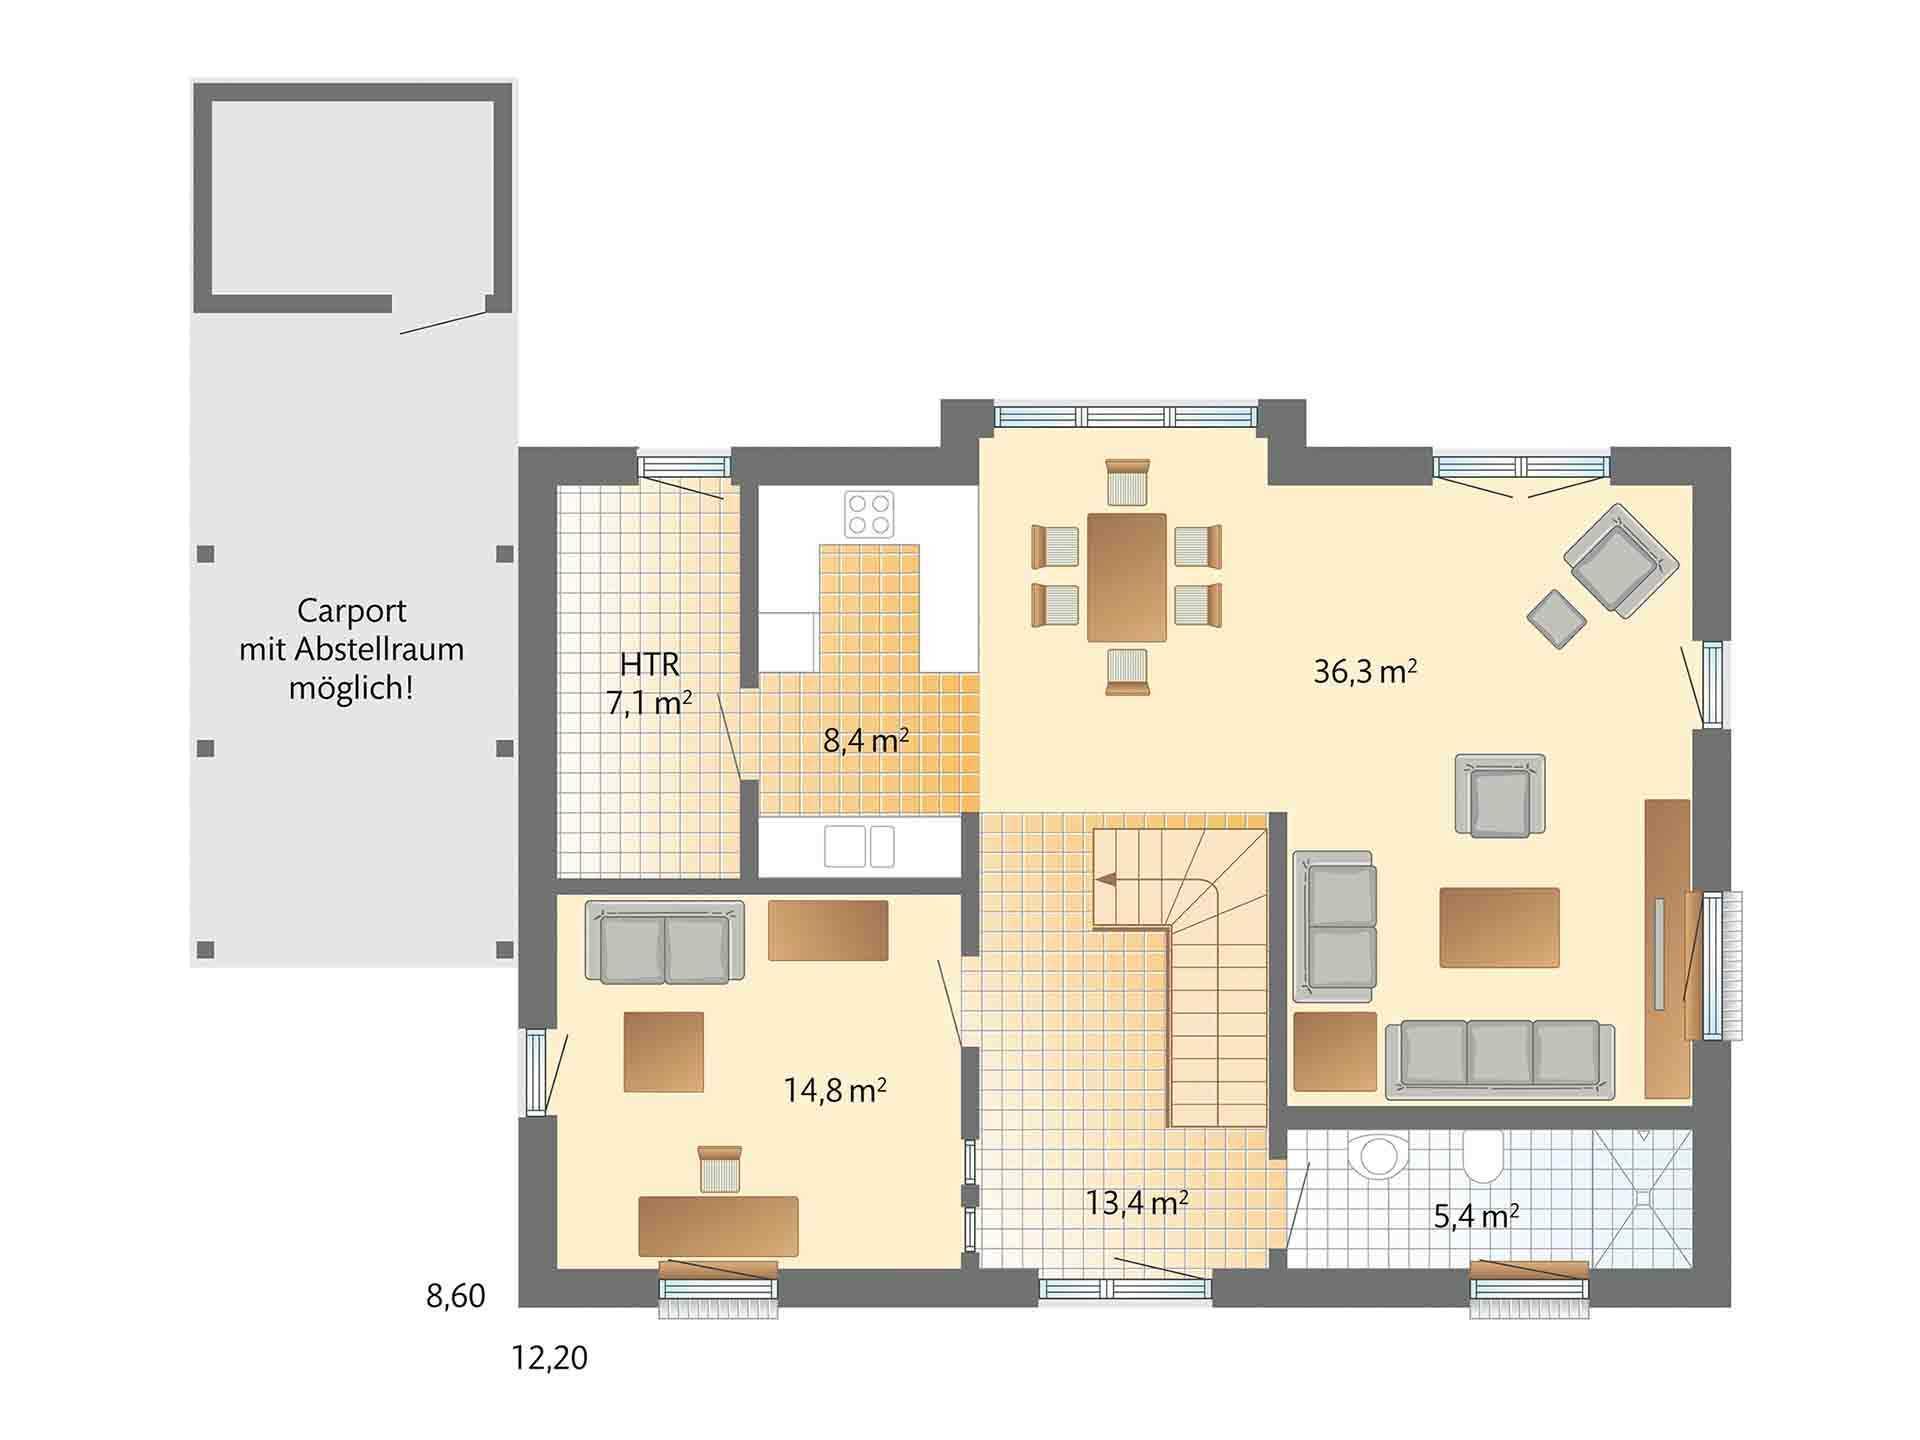 Musterhaus Kronhagen - Ein Screenshot eines Videospiels - Danhaus - Das 1Liter-Haus! bei Ulm